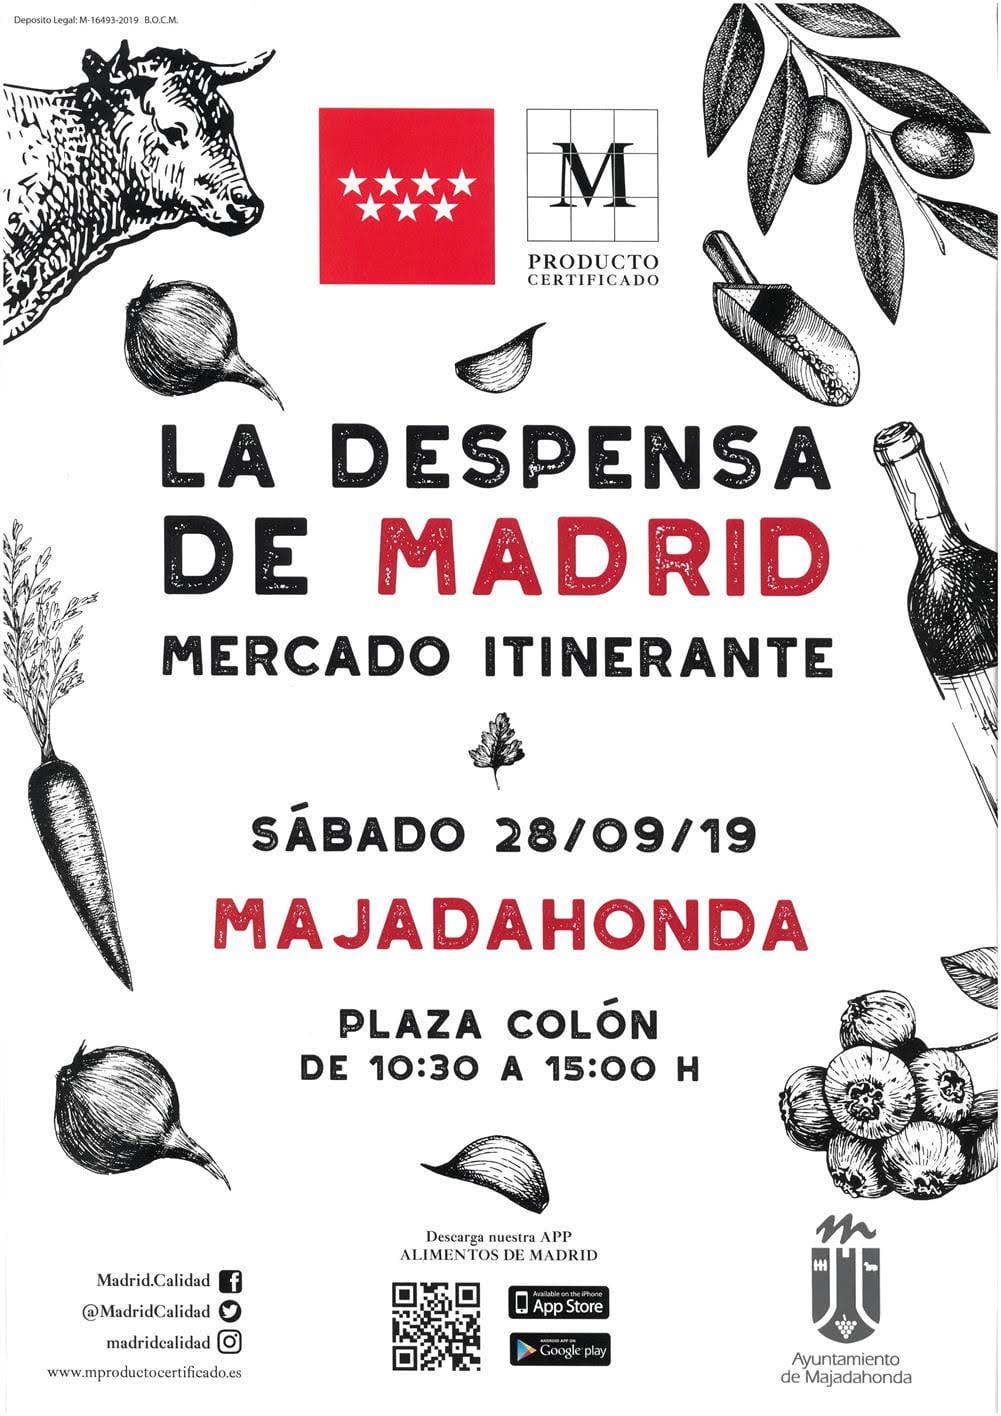 La Despensa de Madrid (Mercado) llega a Majadahonda: quejas en Roza Martín, El Plantío, Sta Catalina, Waterpolo y manifestación climática